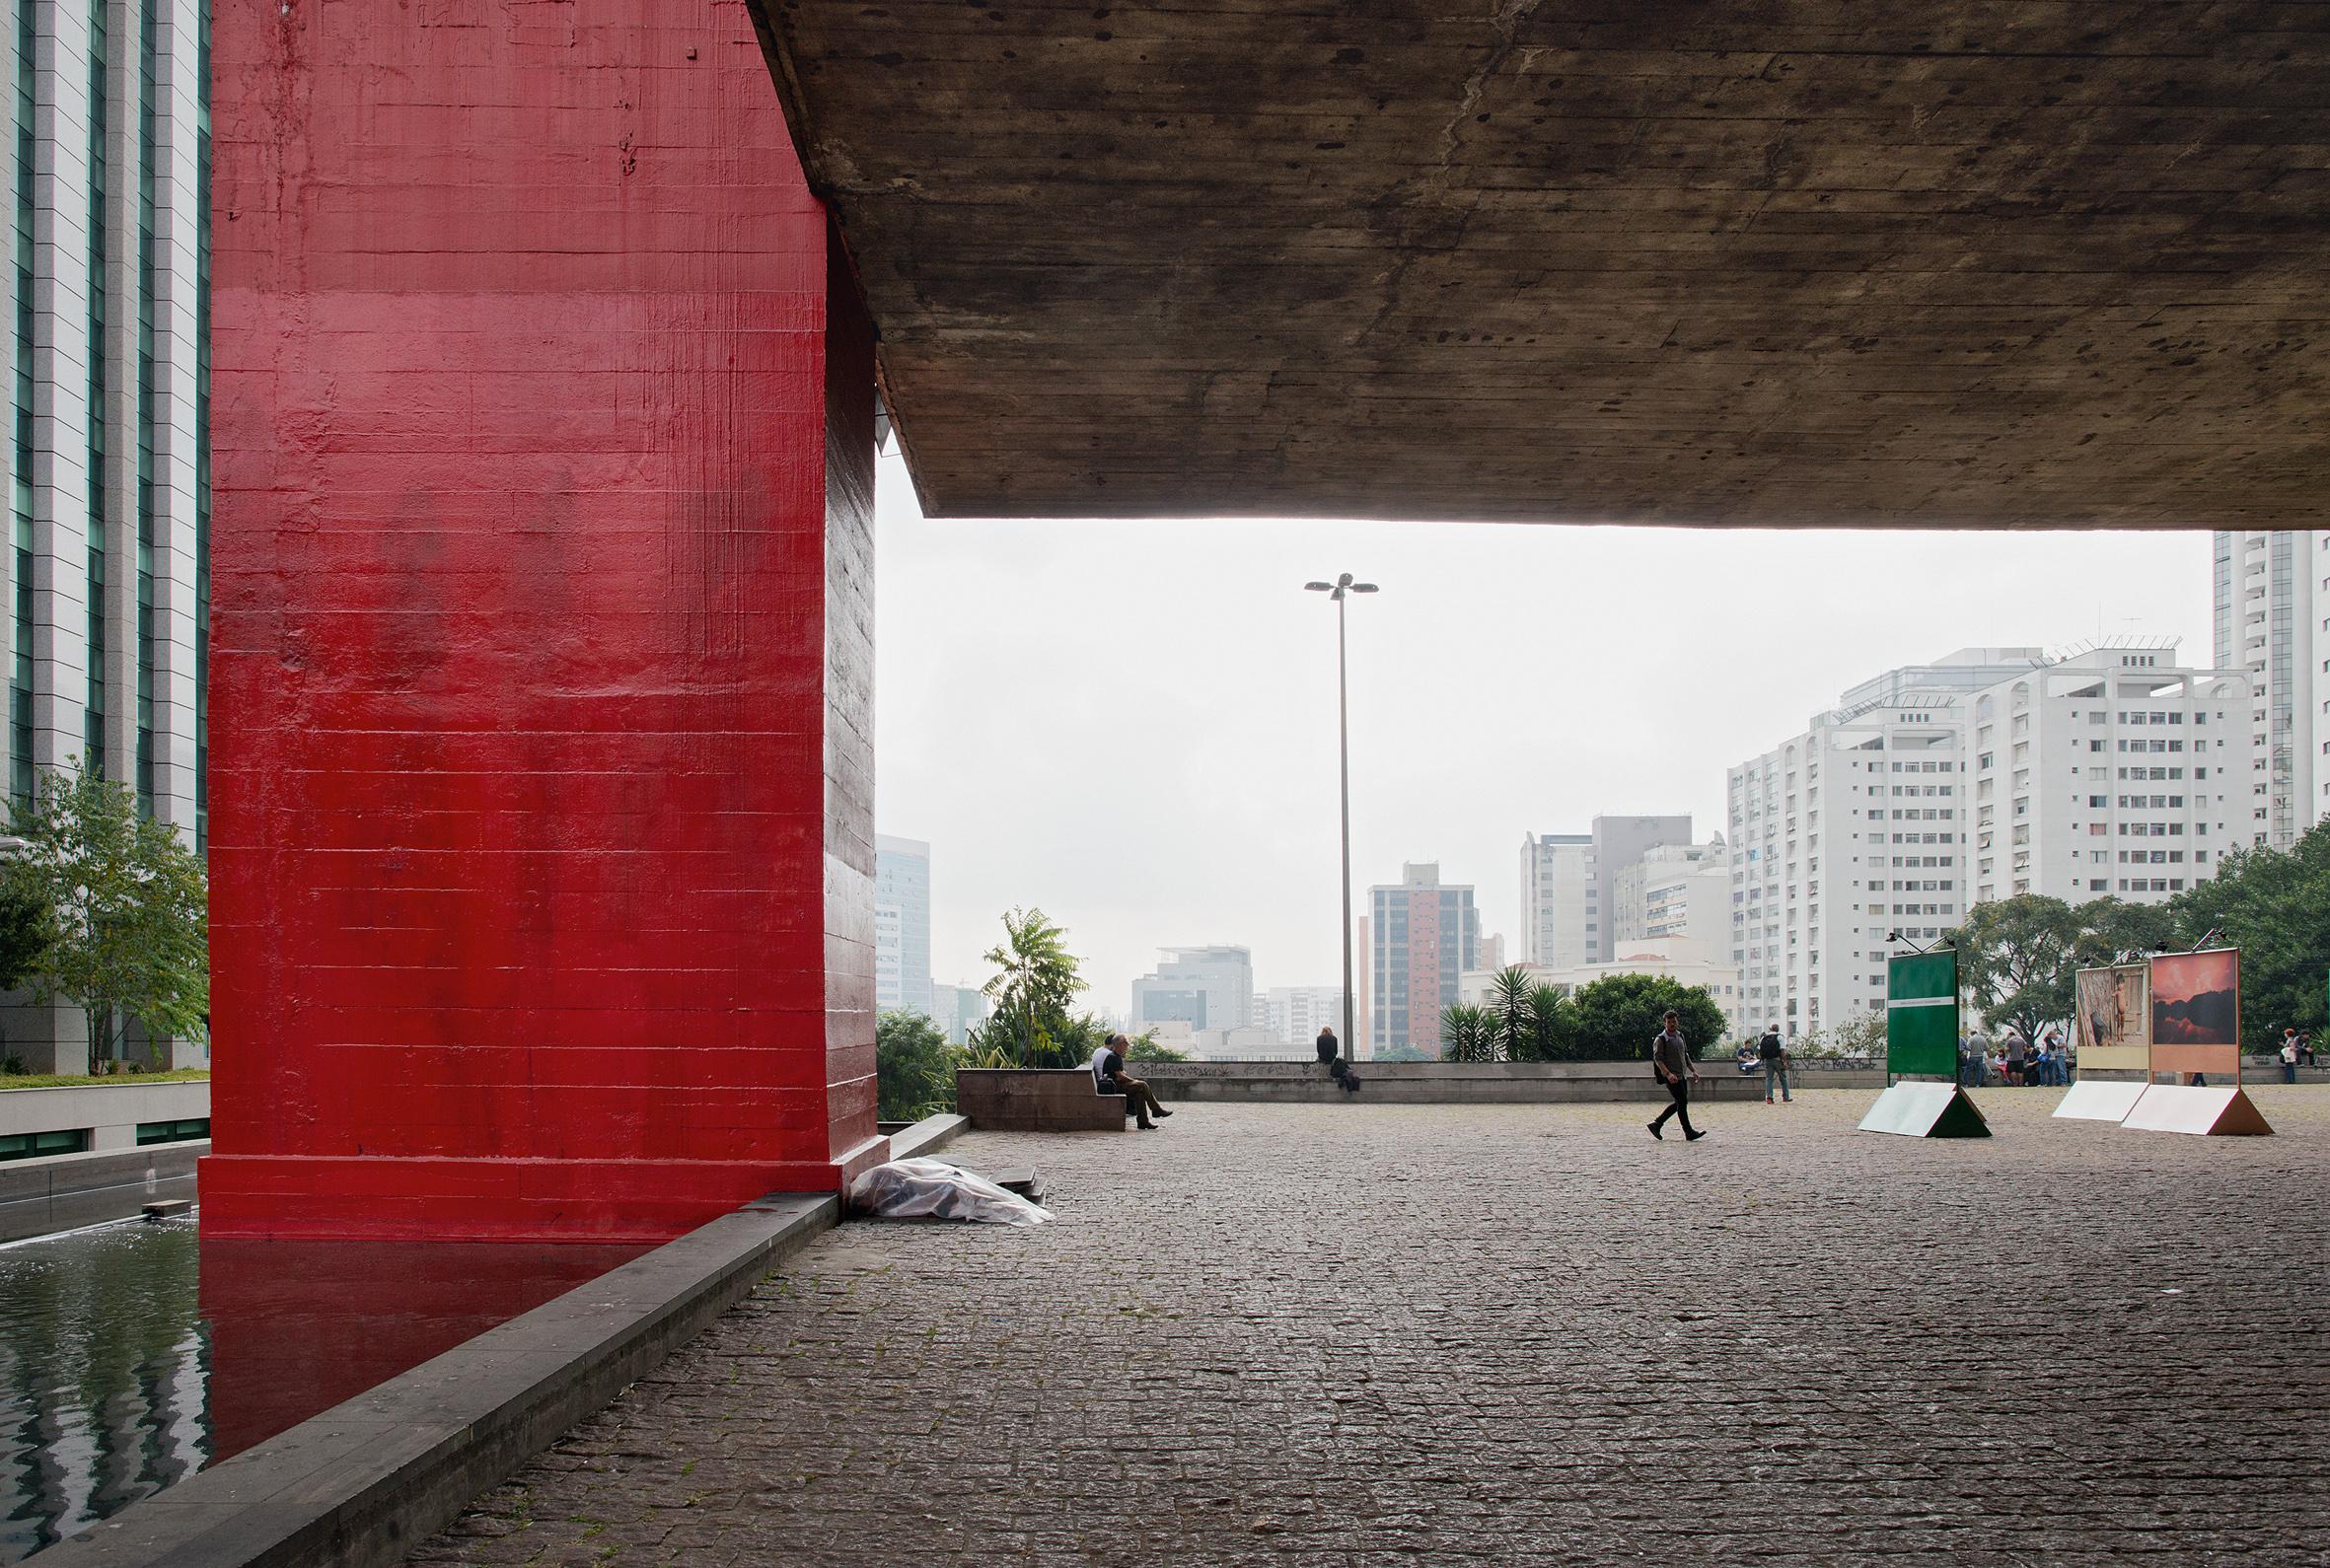 MASP – Museu de Arte de São Paulo, São Paulo, 1957-1968, fot.Markus Lanz, 2014